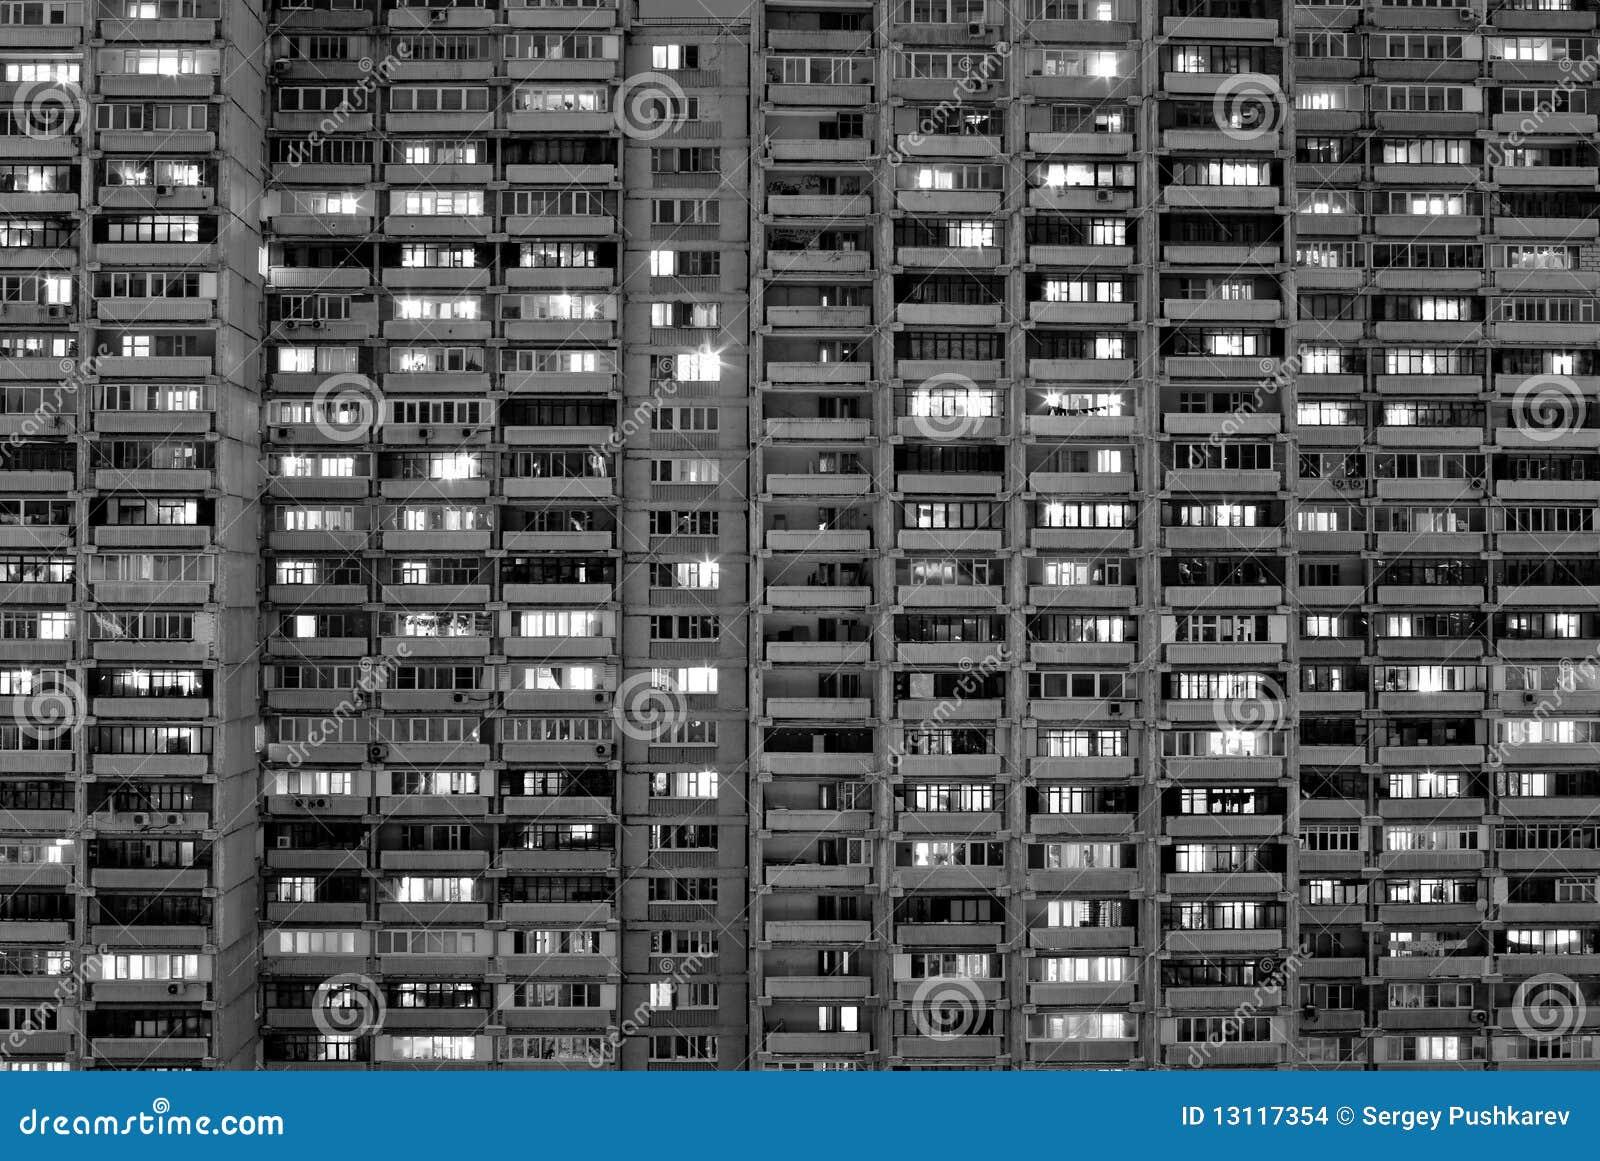 Block of flats in big city